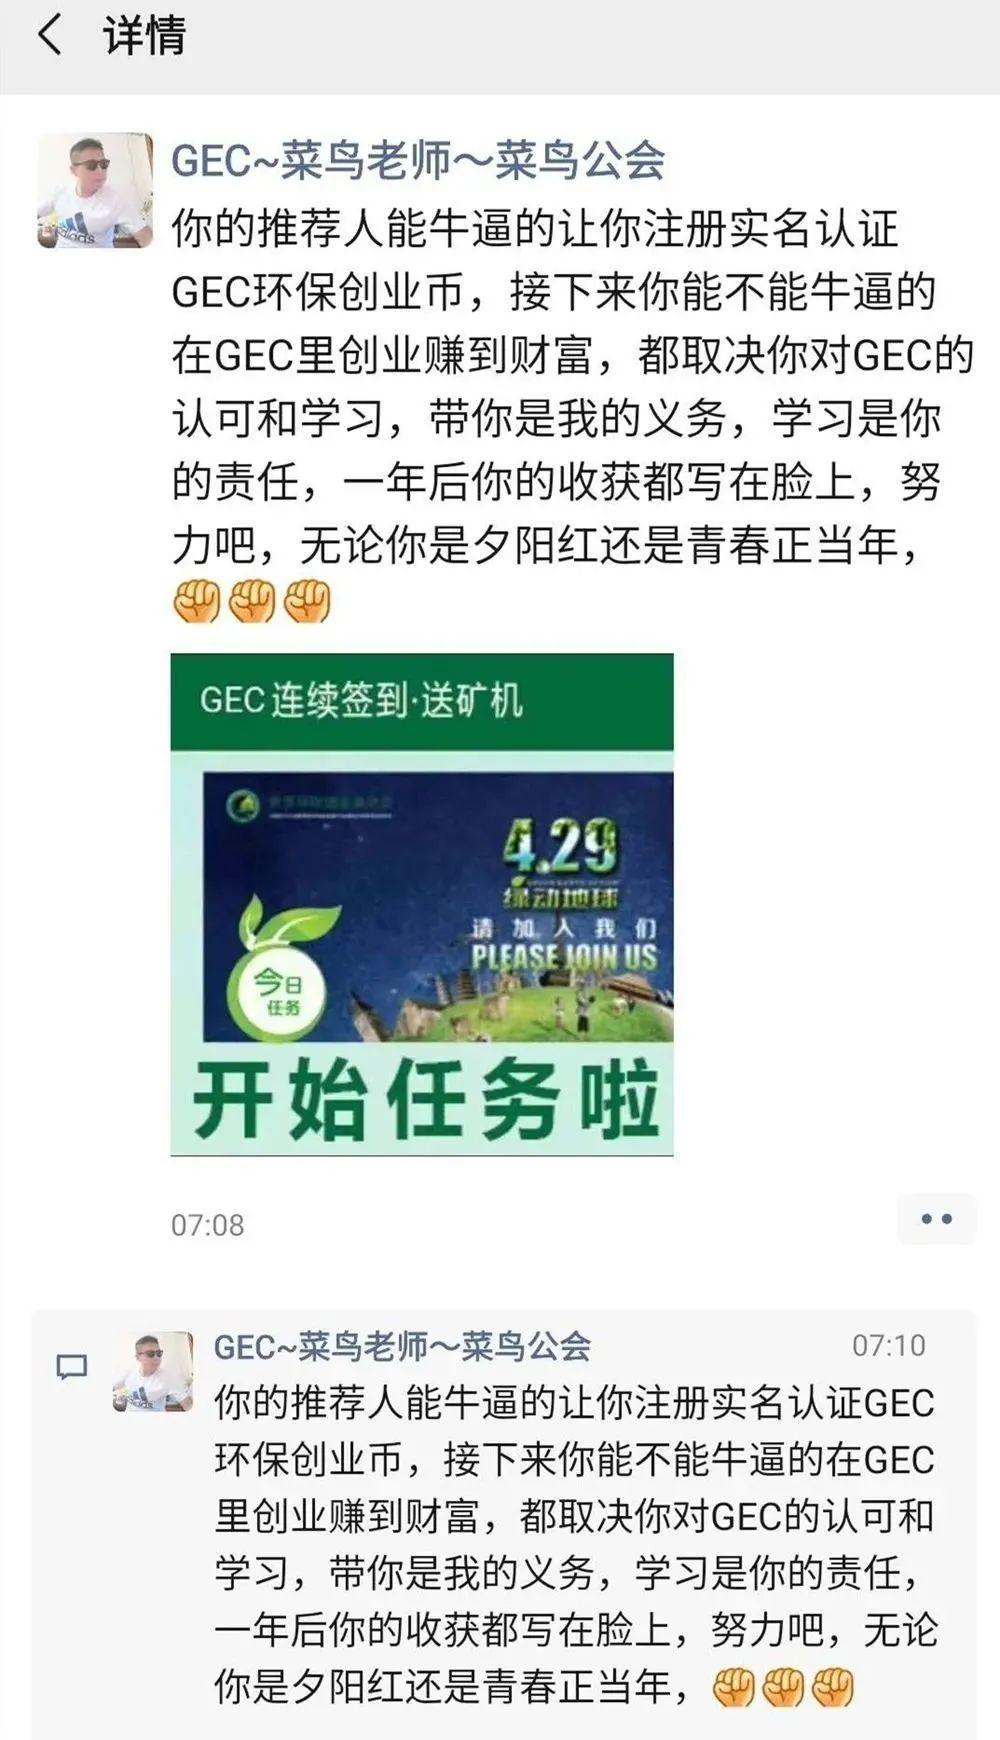 """【重磅】""""GEC环保币""""竟是假环保真传销,封号搜刮开始了······"""